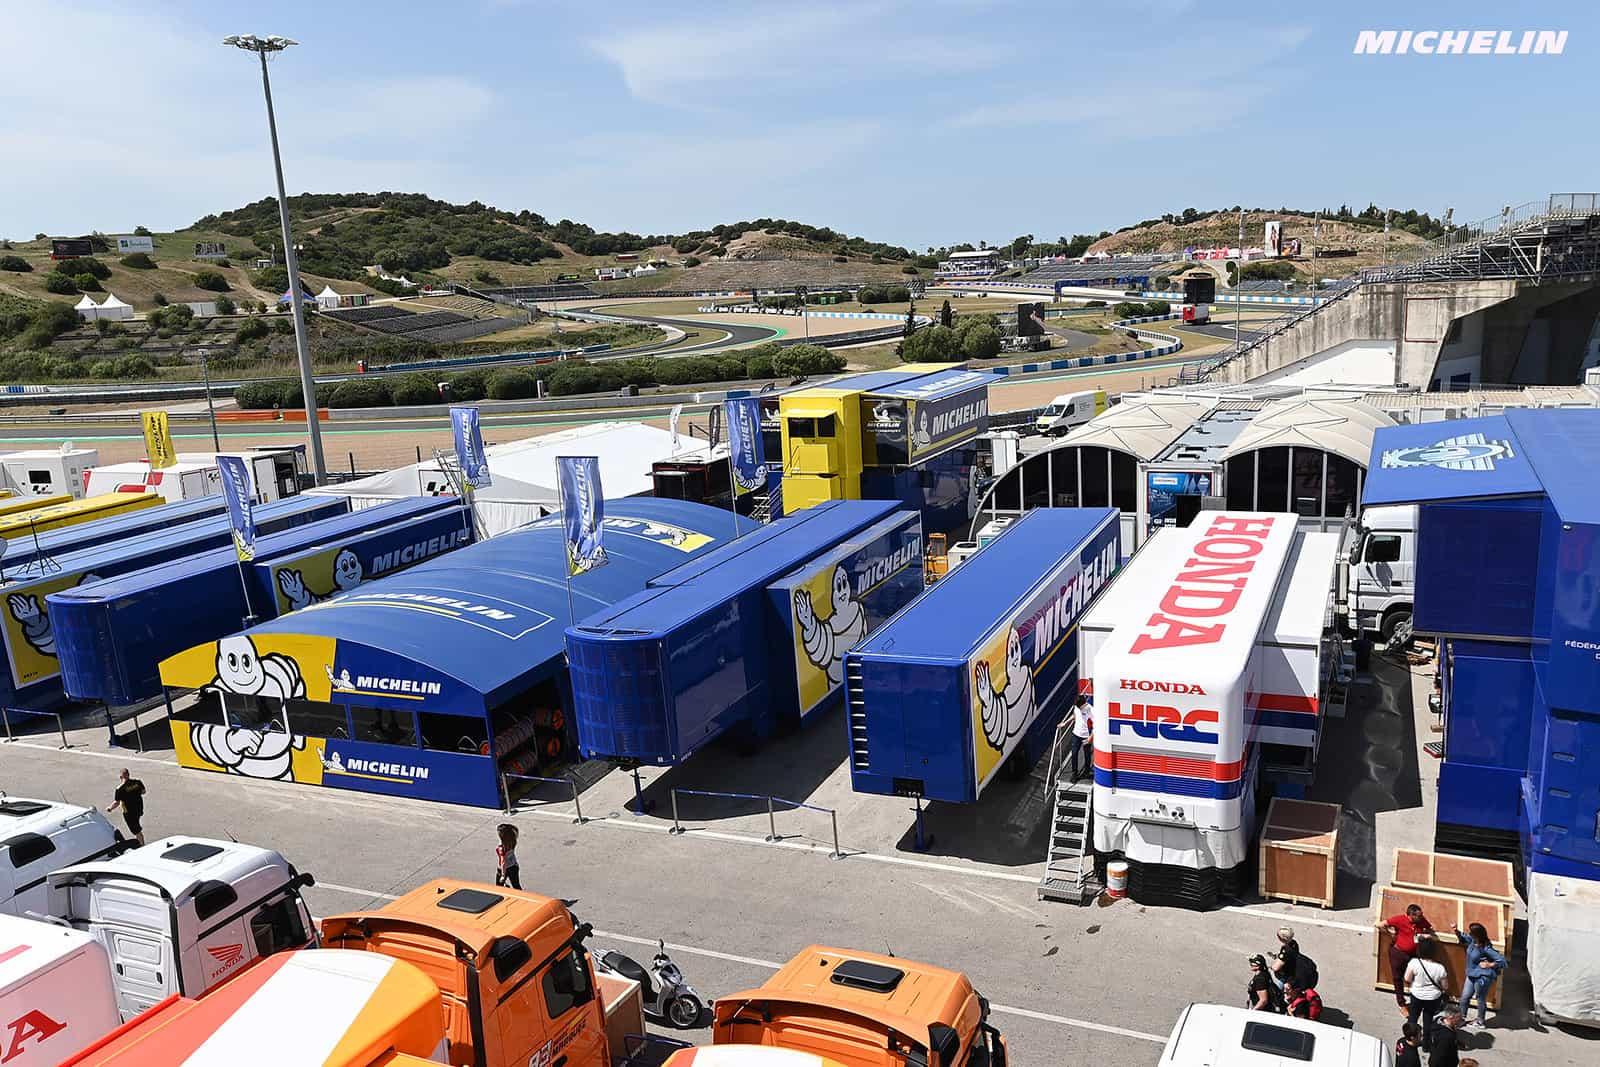 MotoGP はヨーロッパに移動、ミシュランは新たなチャレンジに向かう